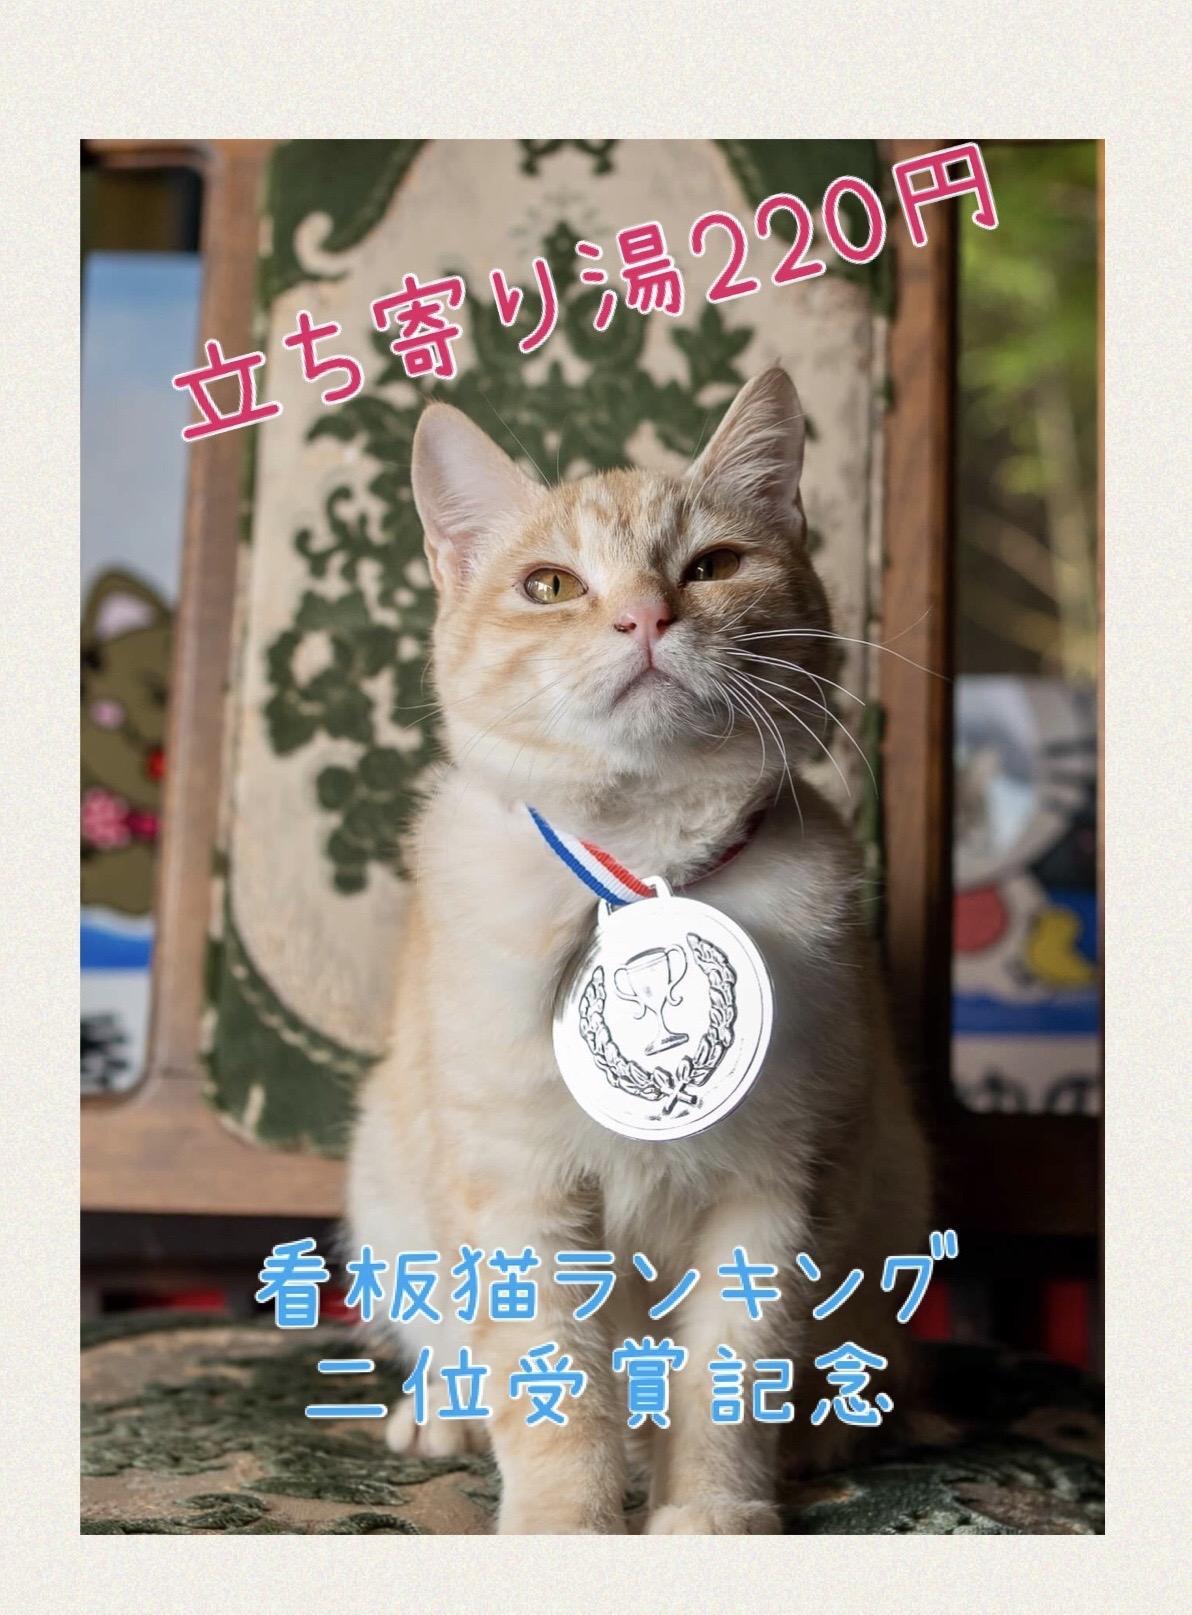 立ち寄り湯220円*ざぼにゃん2位受賞記念